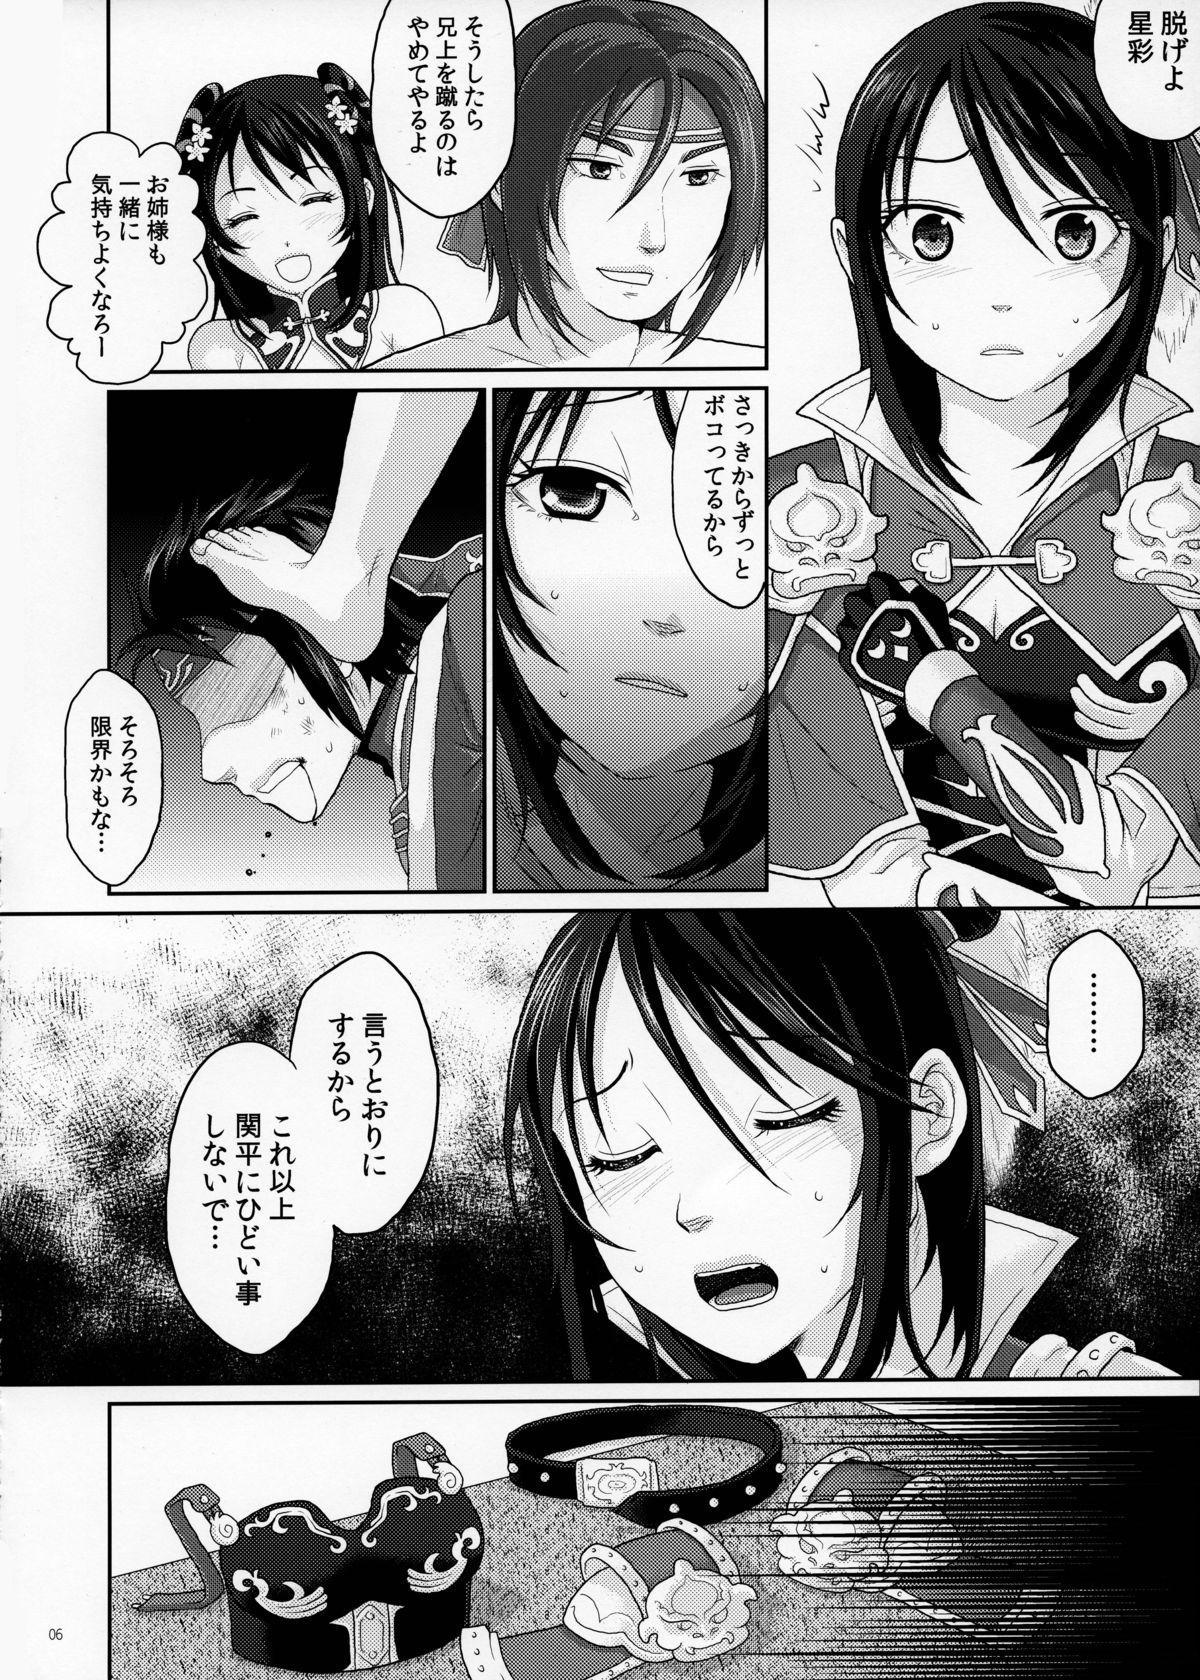 Himitsu no Ochakai 5